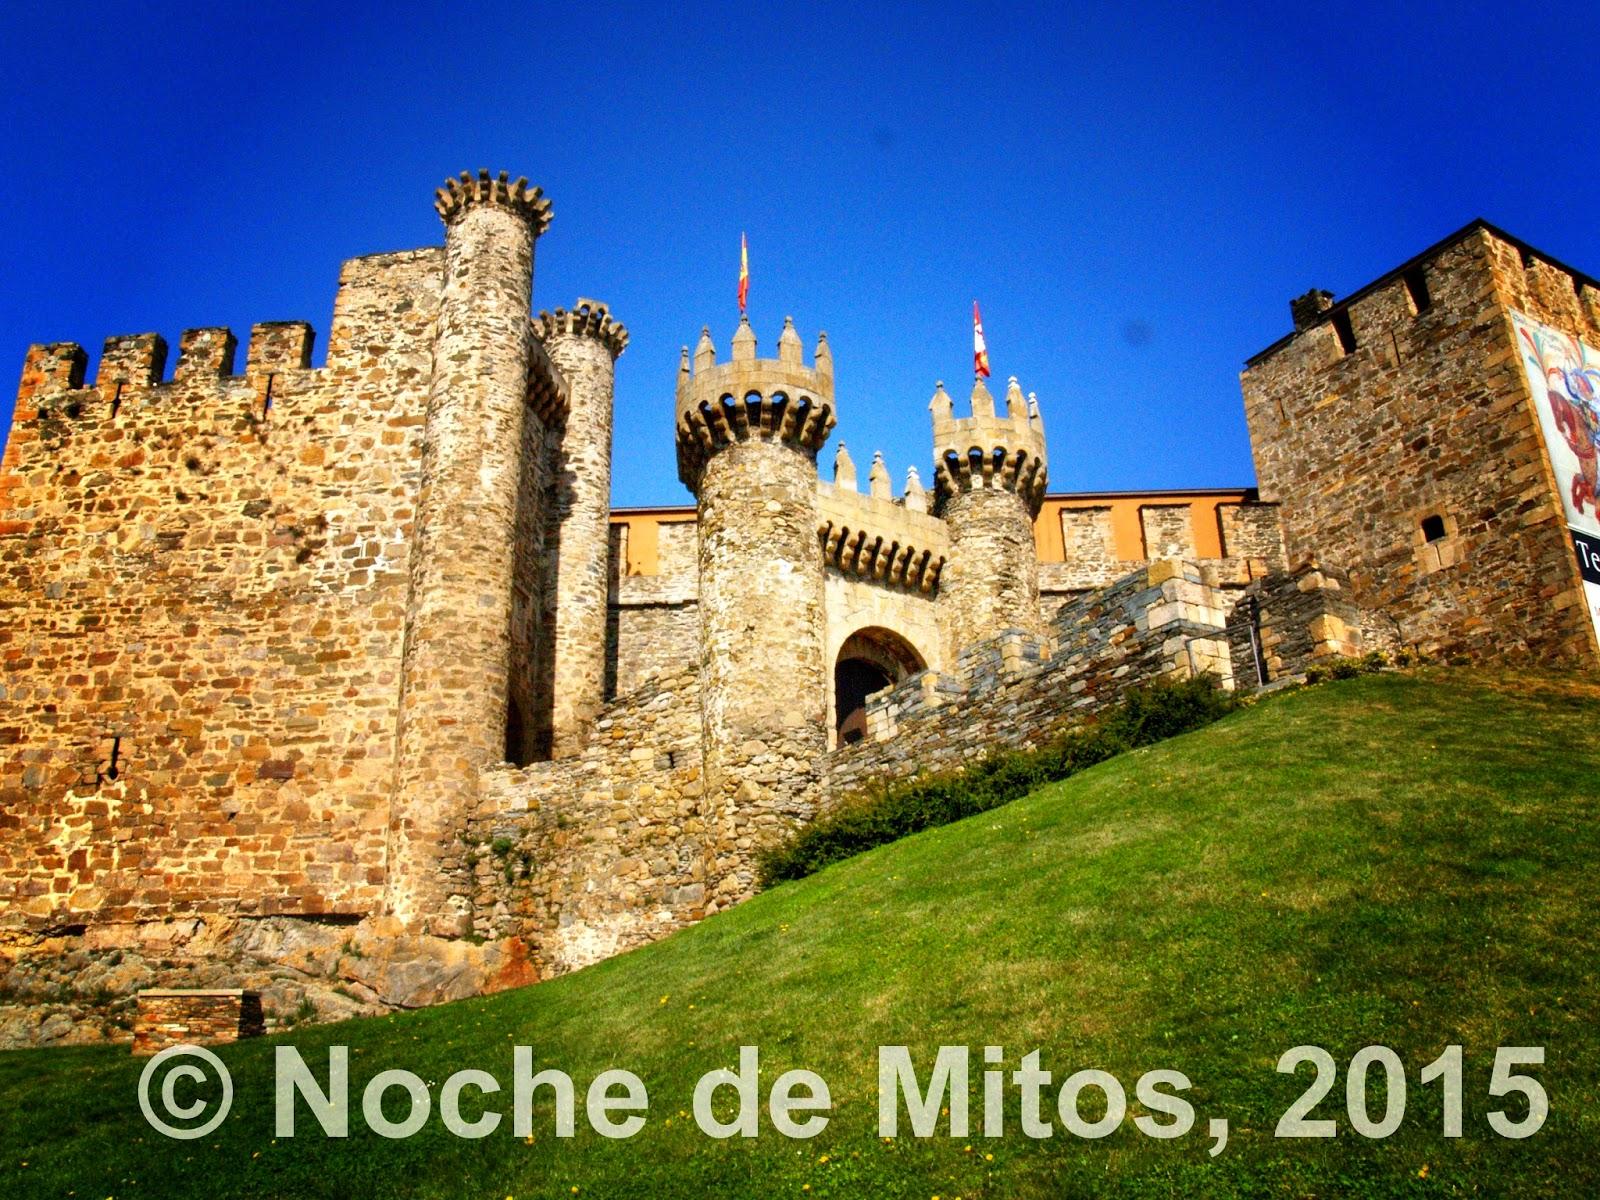 http://nochedemitos.blogspot.com.es/2015/04/album-fotos-podcast-19-mitos-brujeria-e.html